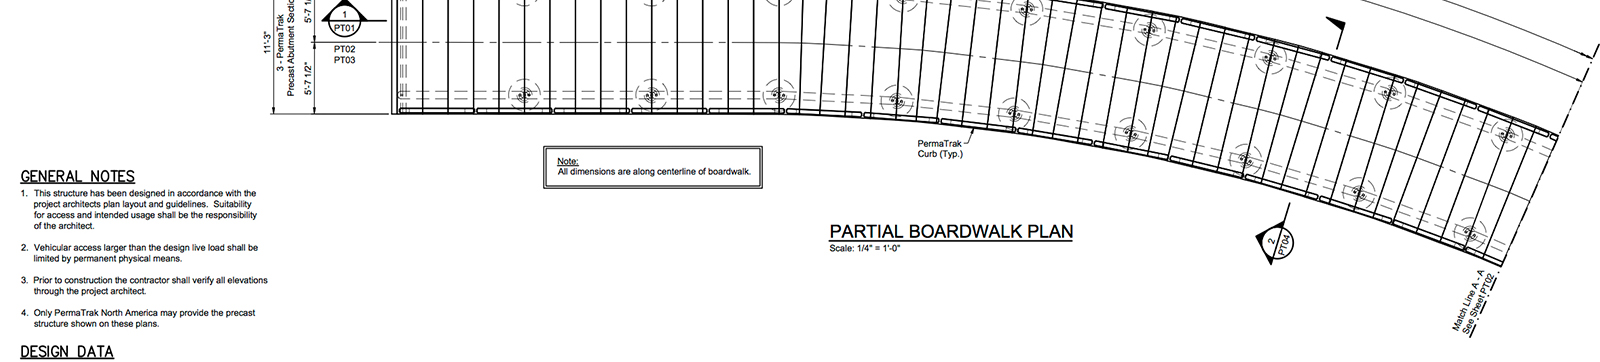 Boardwalk-Deaign-Top.jpg